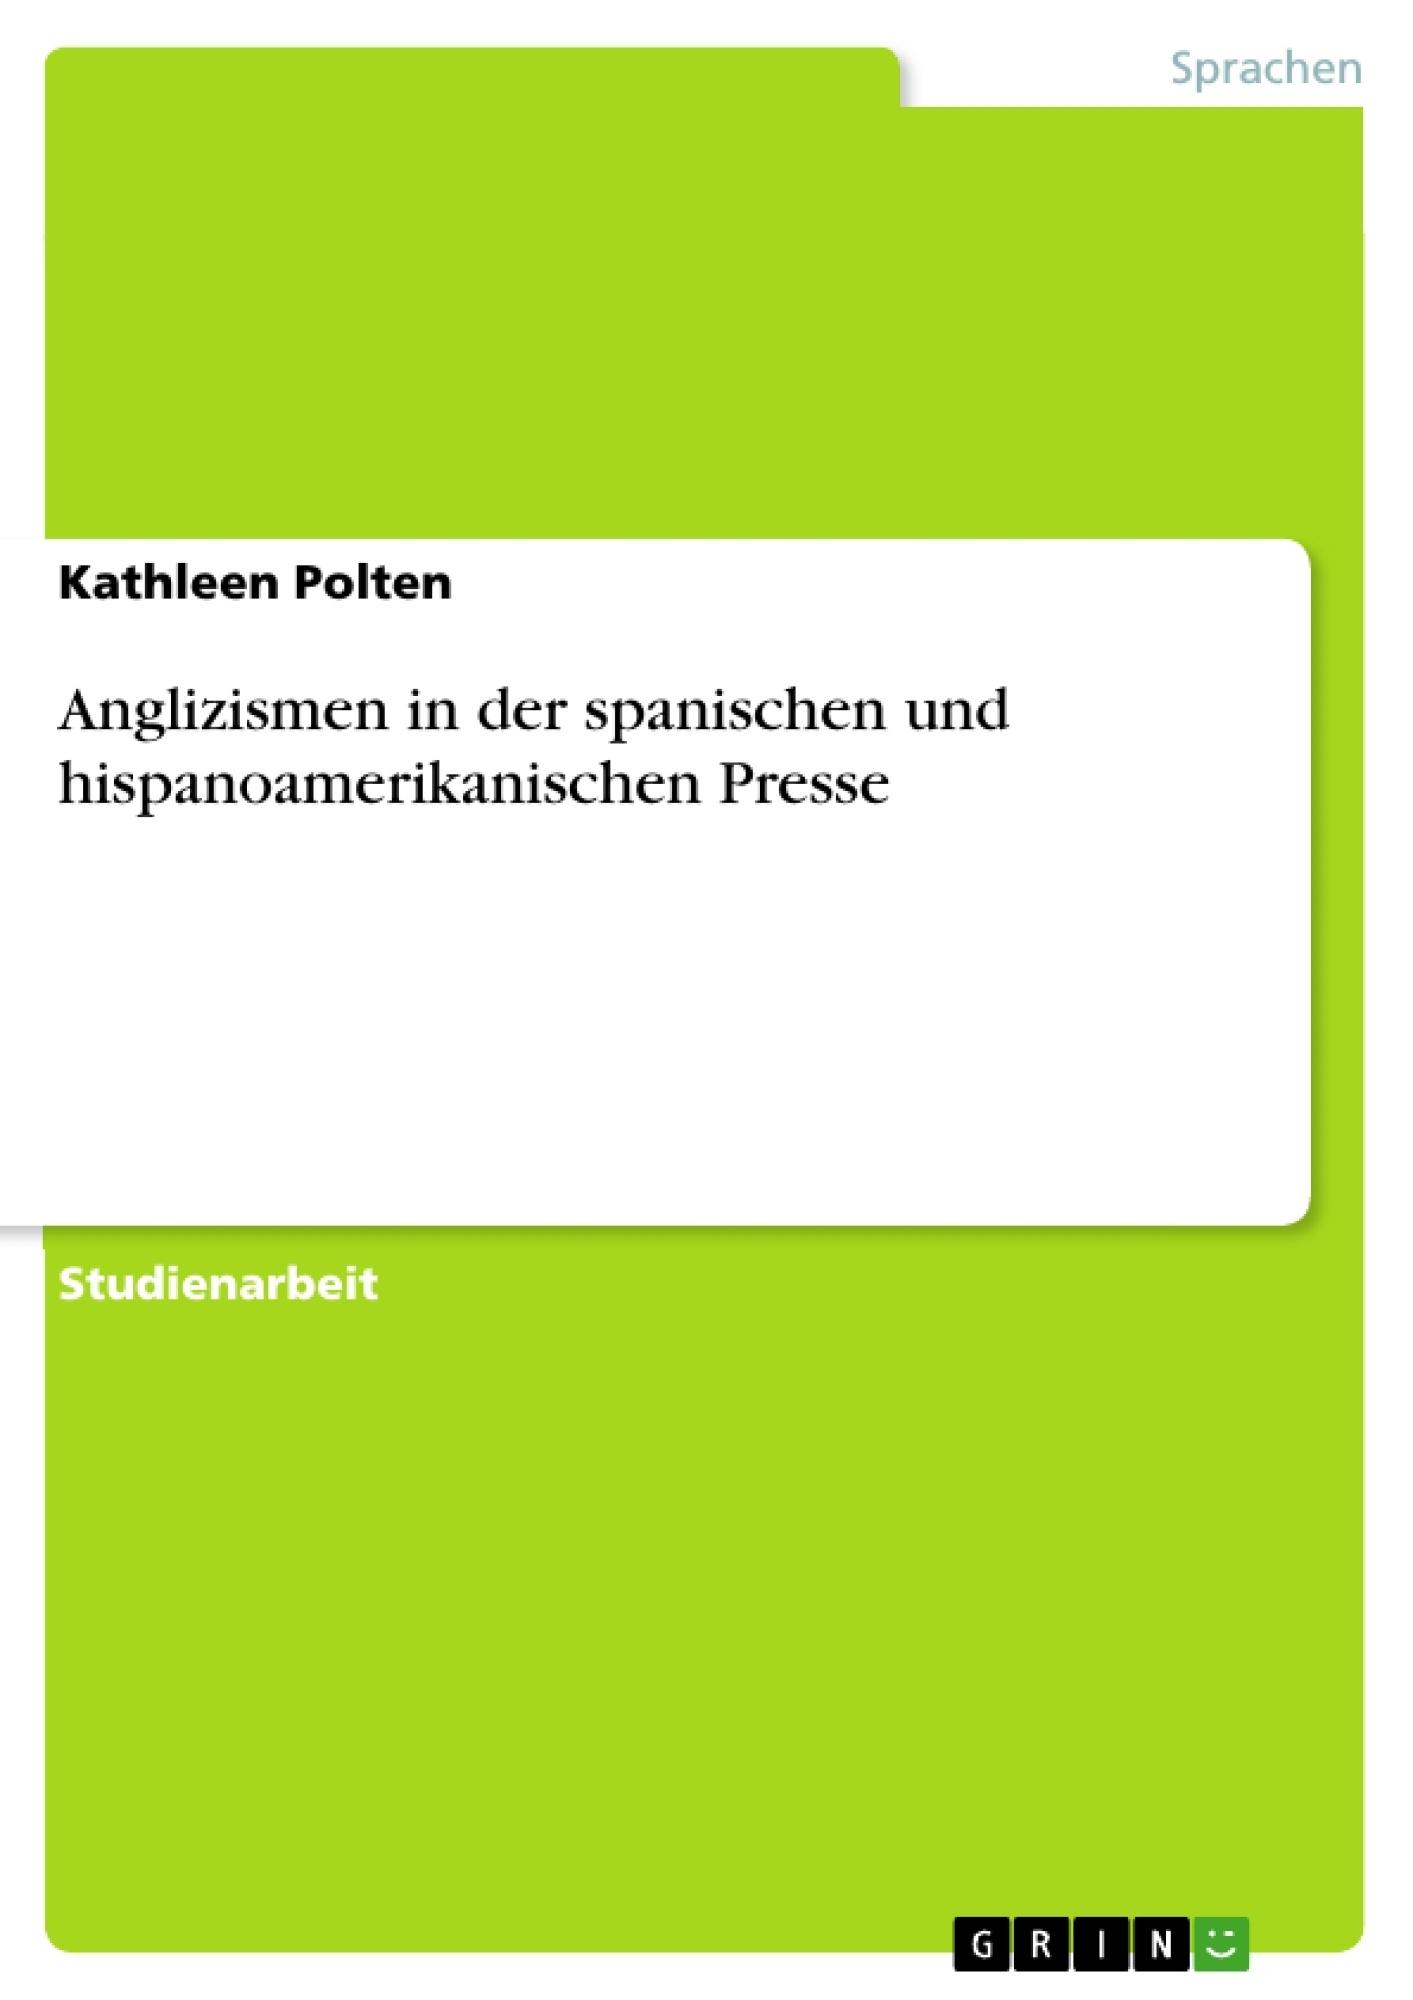 Titel: Anglizismen in der spanischen und hispanoamerikanischen Presse